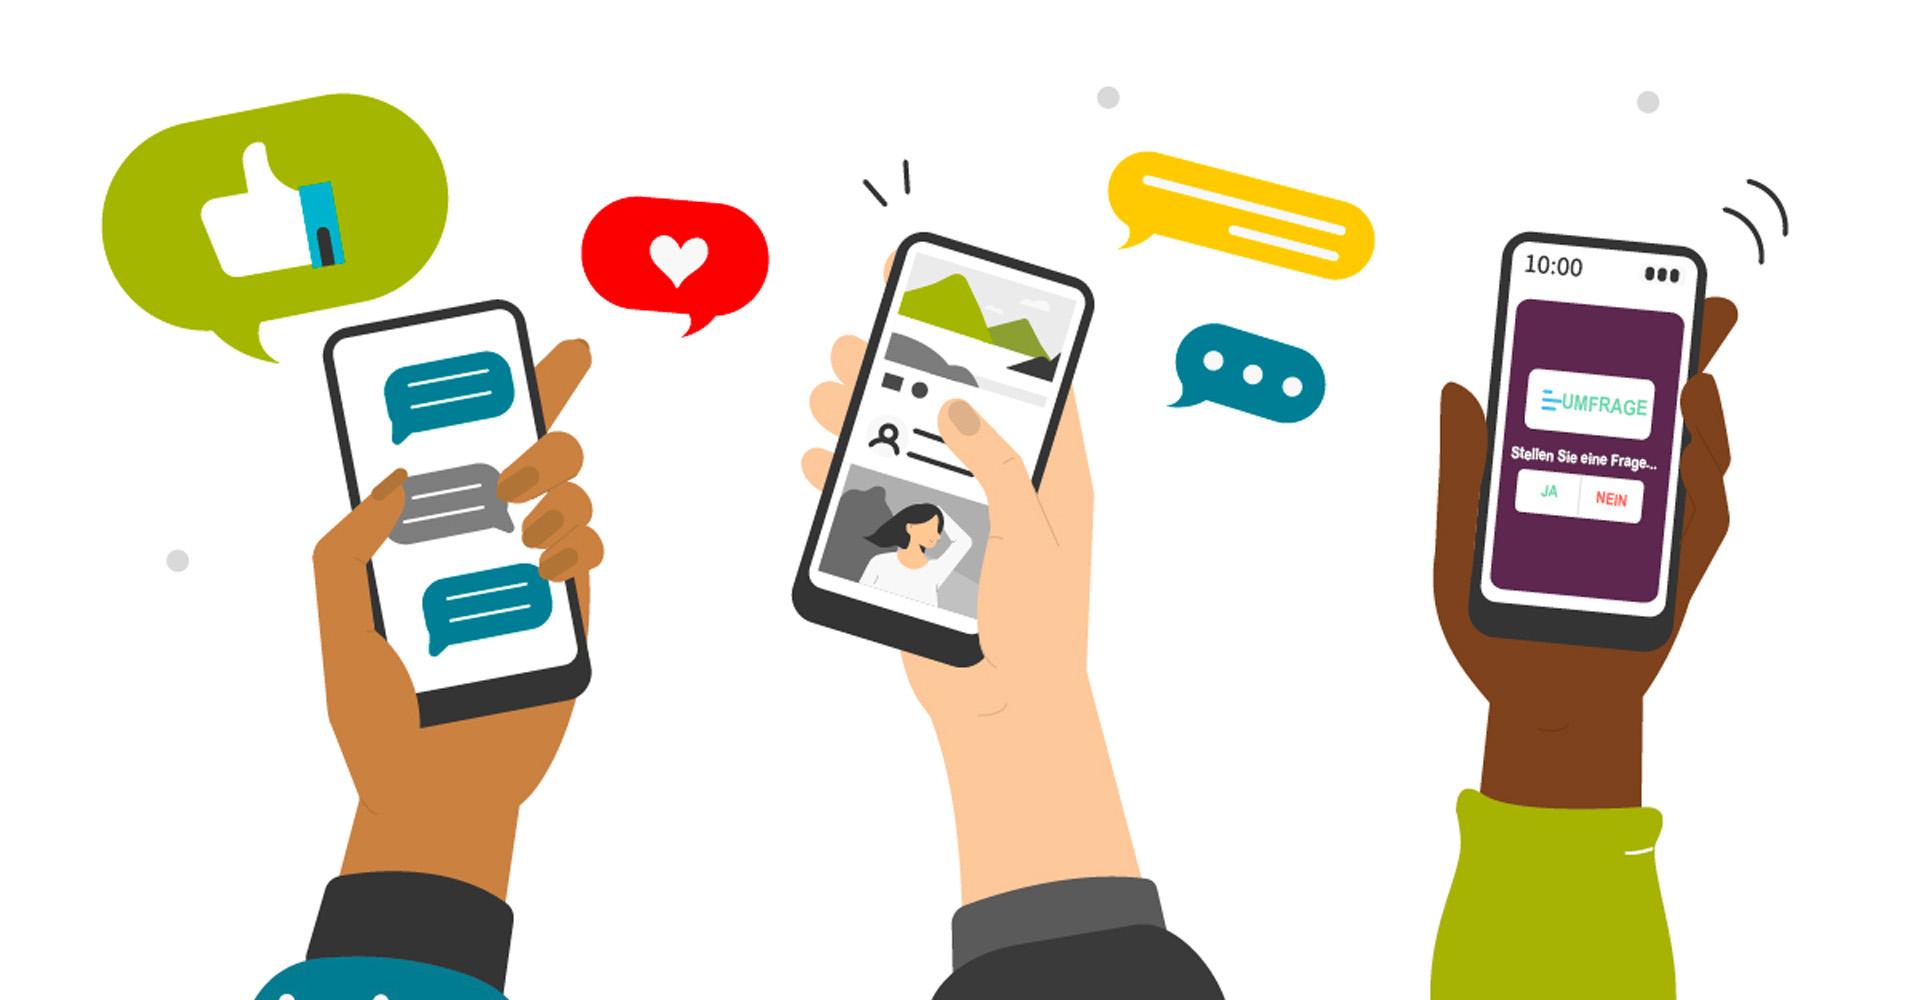 Infografik zu sozialen Medien auf dem Smartphone